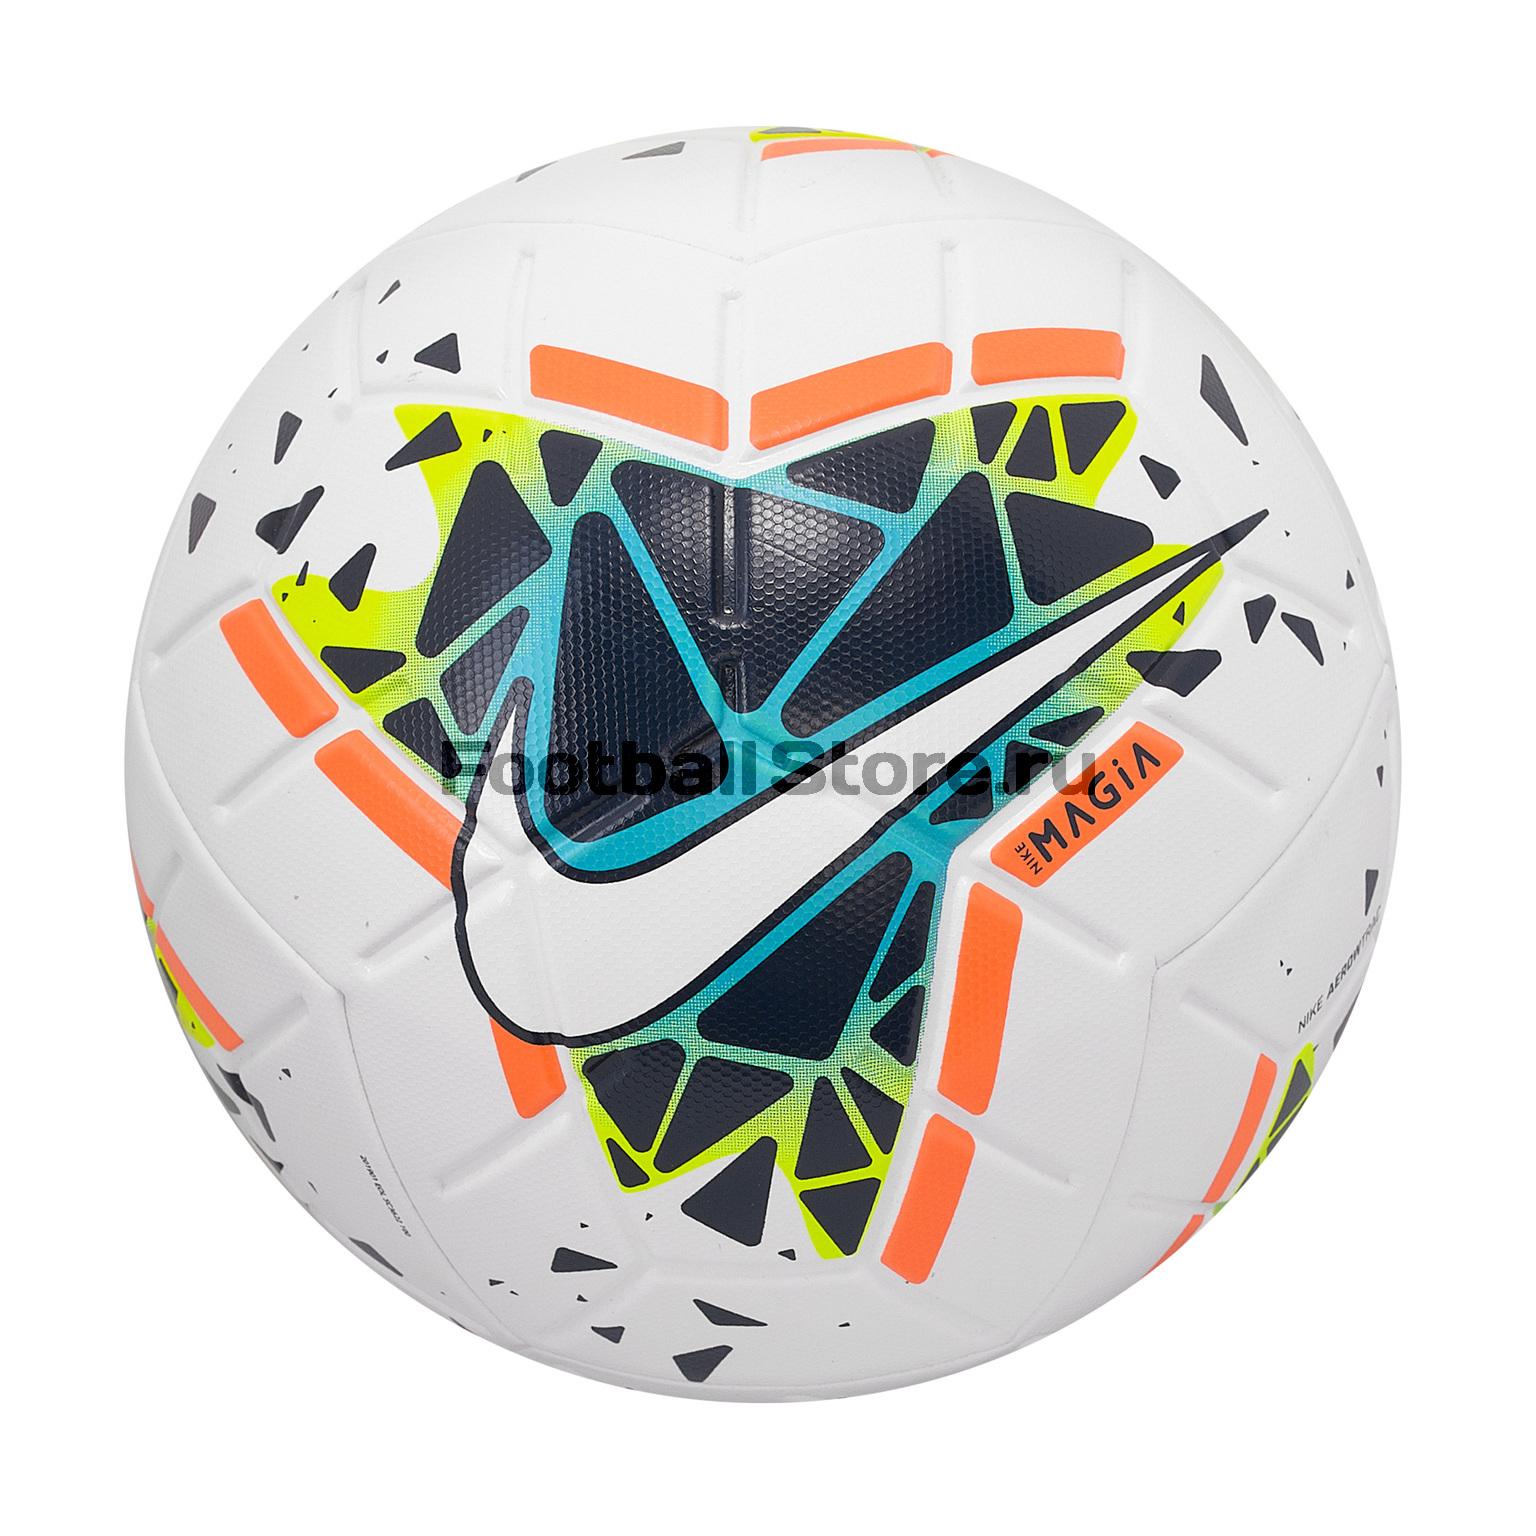 Футбольный мяч Nike Magia SC3622-100